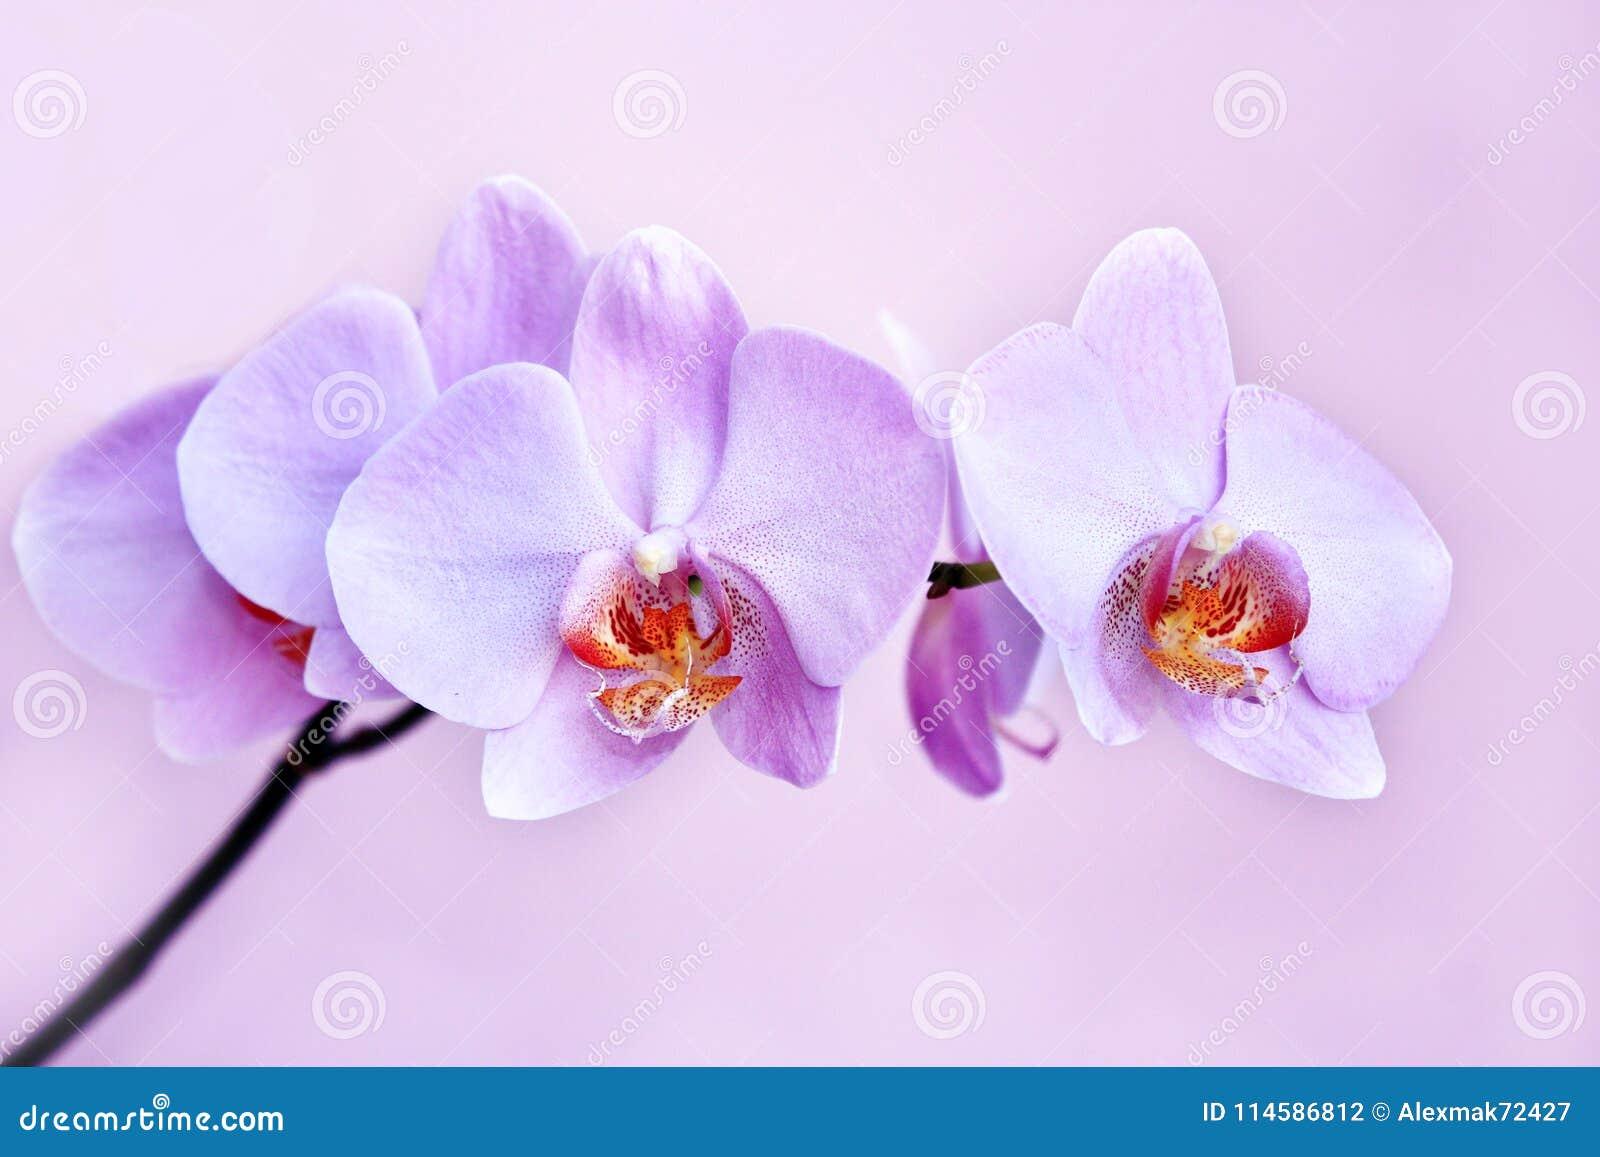 Orchidee Rose Branche De La Fleur Decorative De Floraison Photo